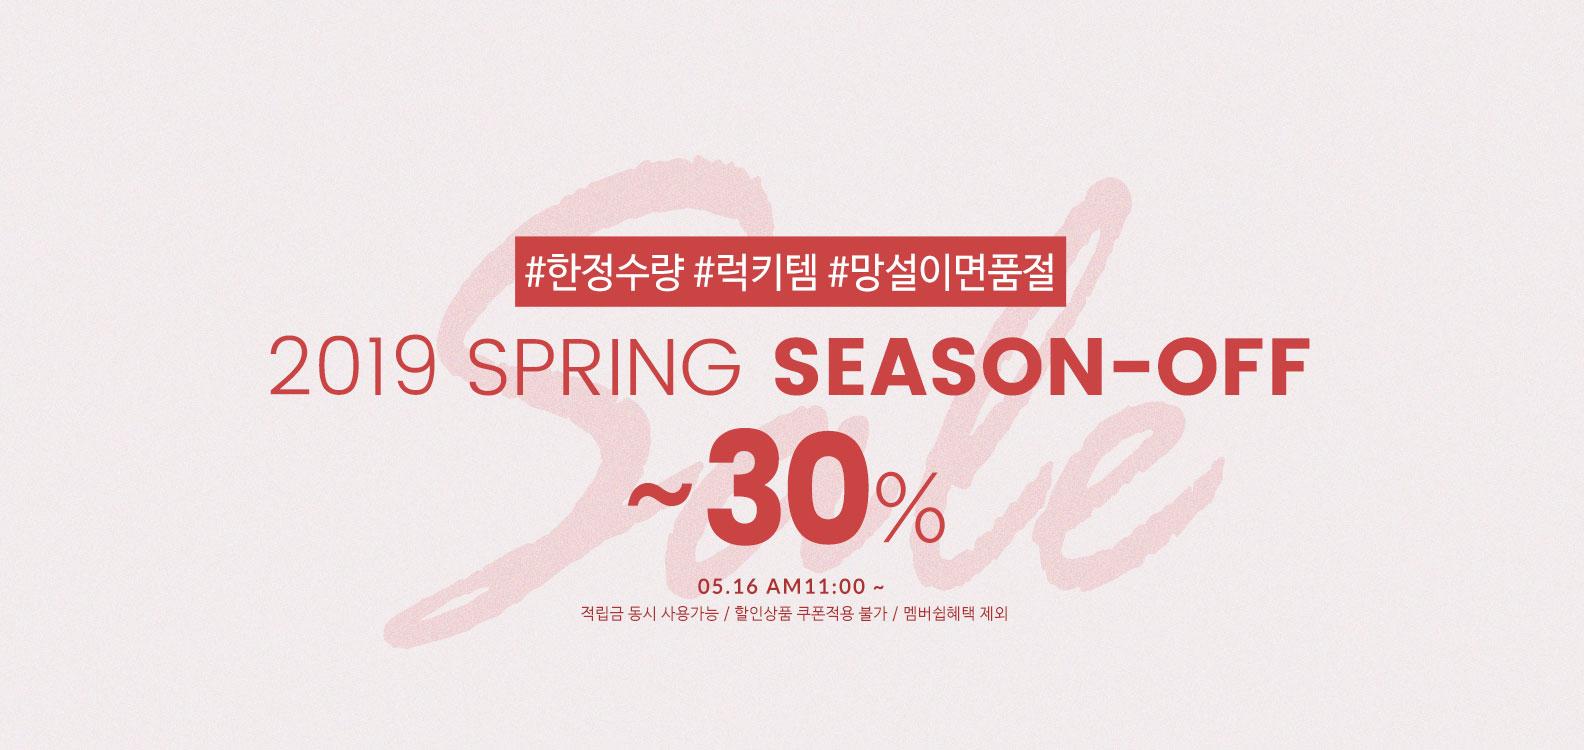 봄 시즌오프